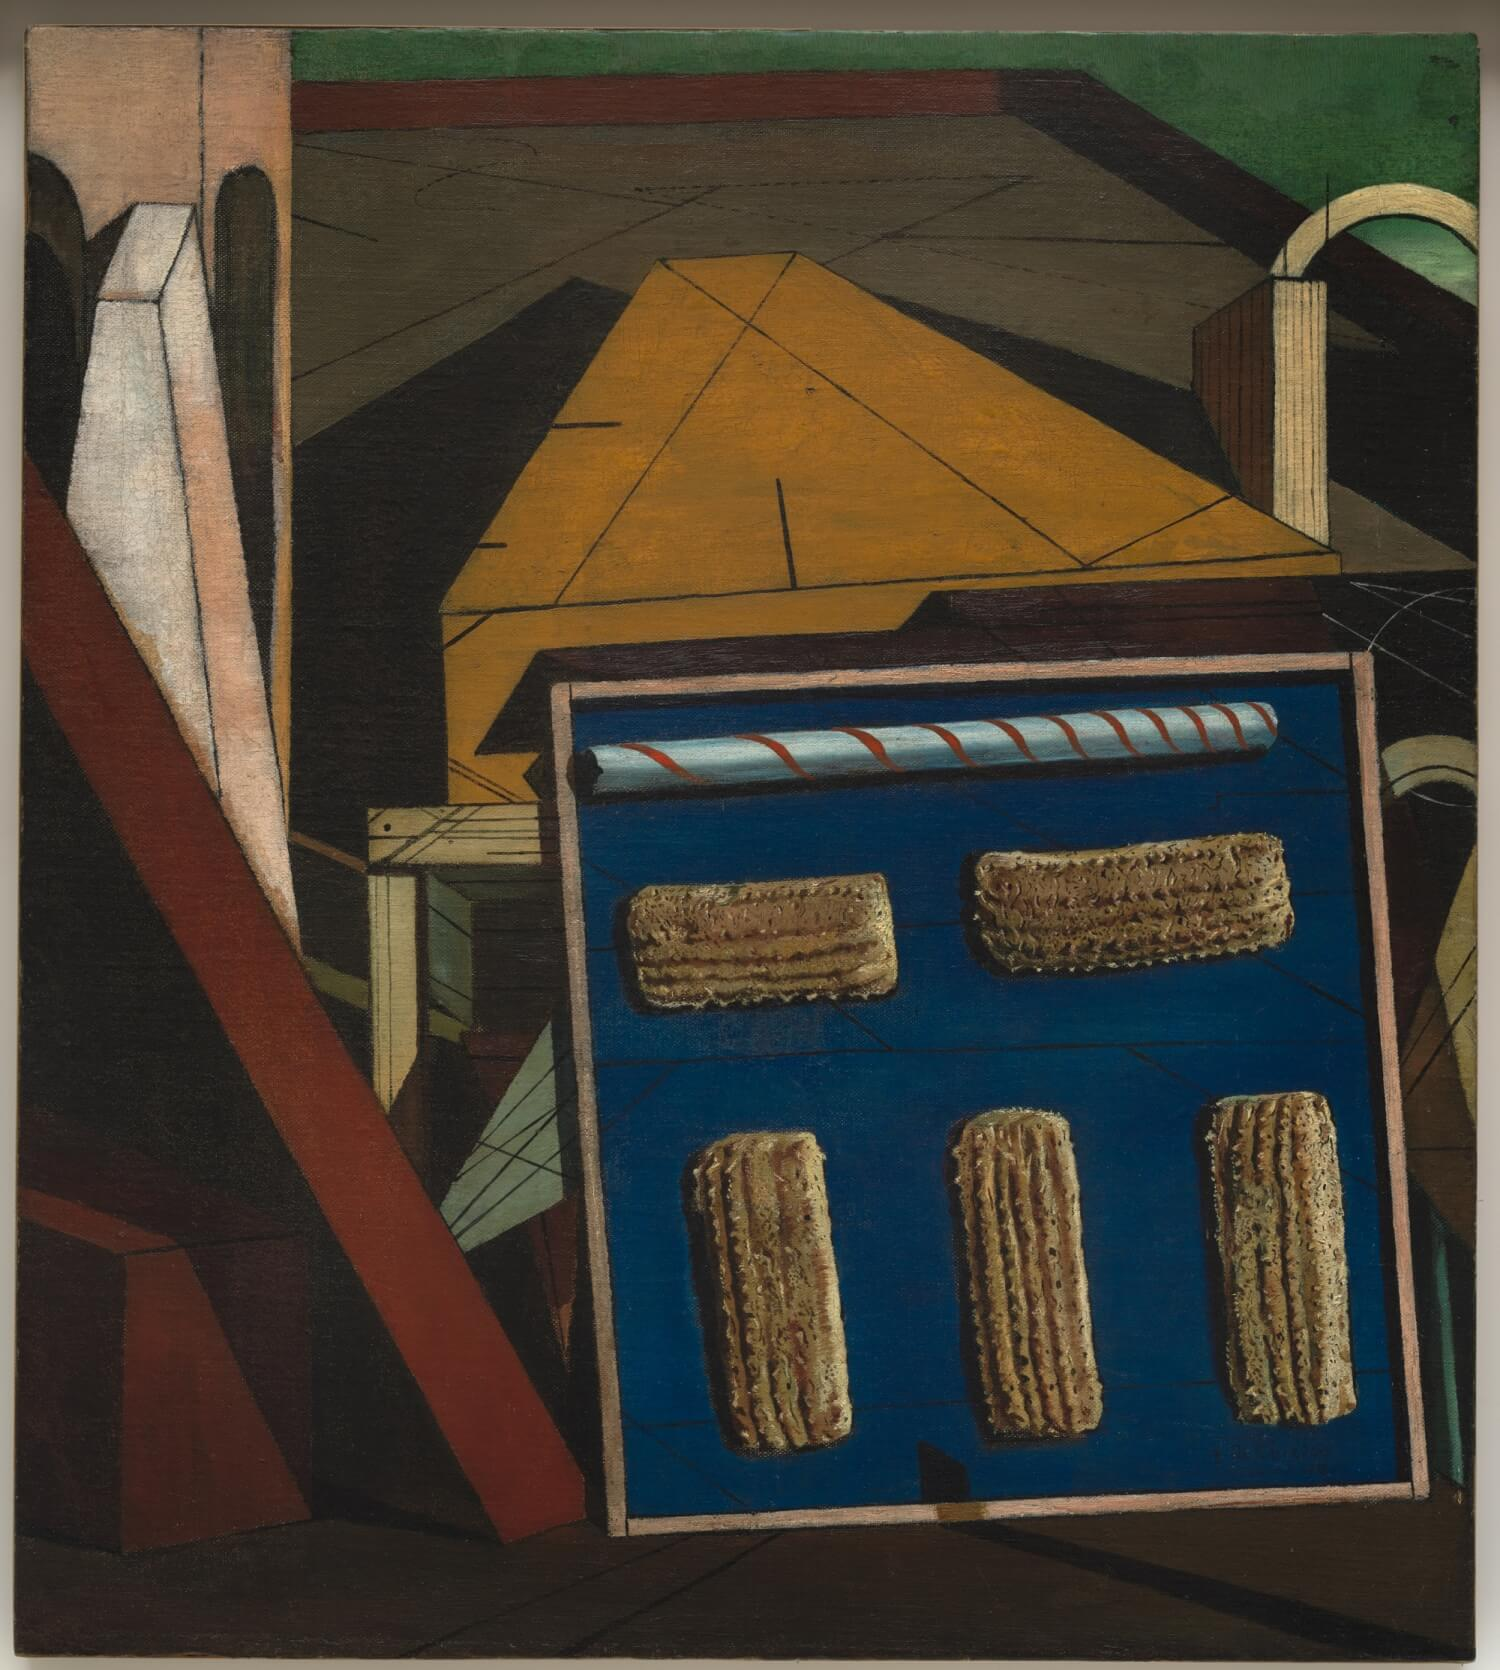 Da Kandinsky a Pollock. Alexander Calder. Gong rossi gialli e blu, 1951. Lamiera dipinta e fil di ferro, cm 135 x 220 x 170. Venezia, Galleria Internazionale di Arte Moderna, Cà Pesaro. Dono dell'artista, 1952